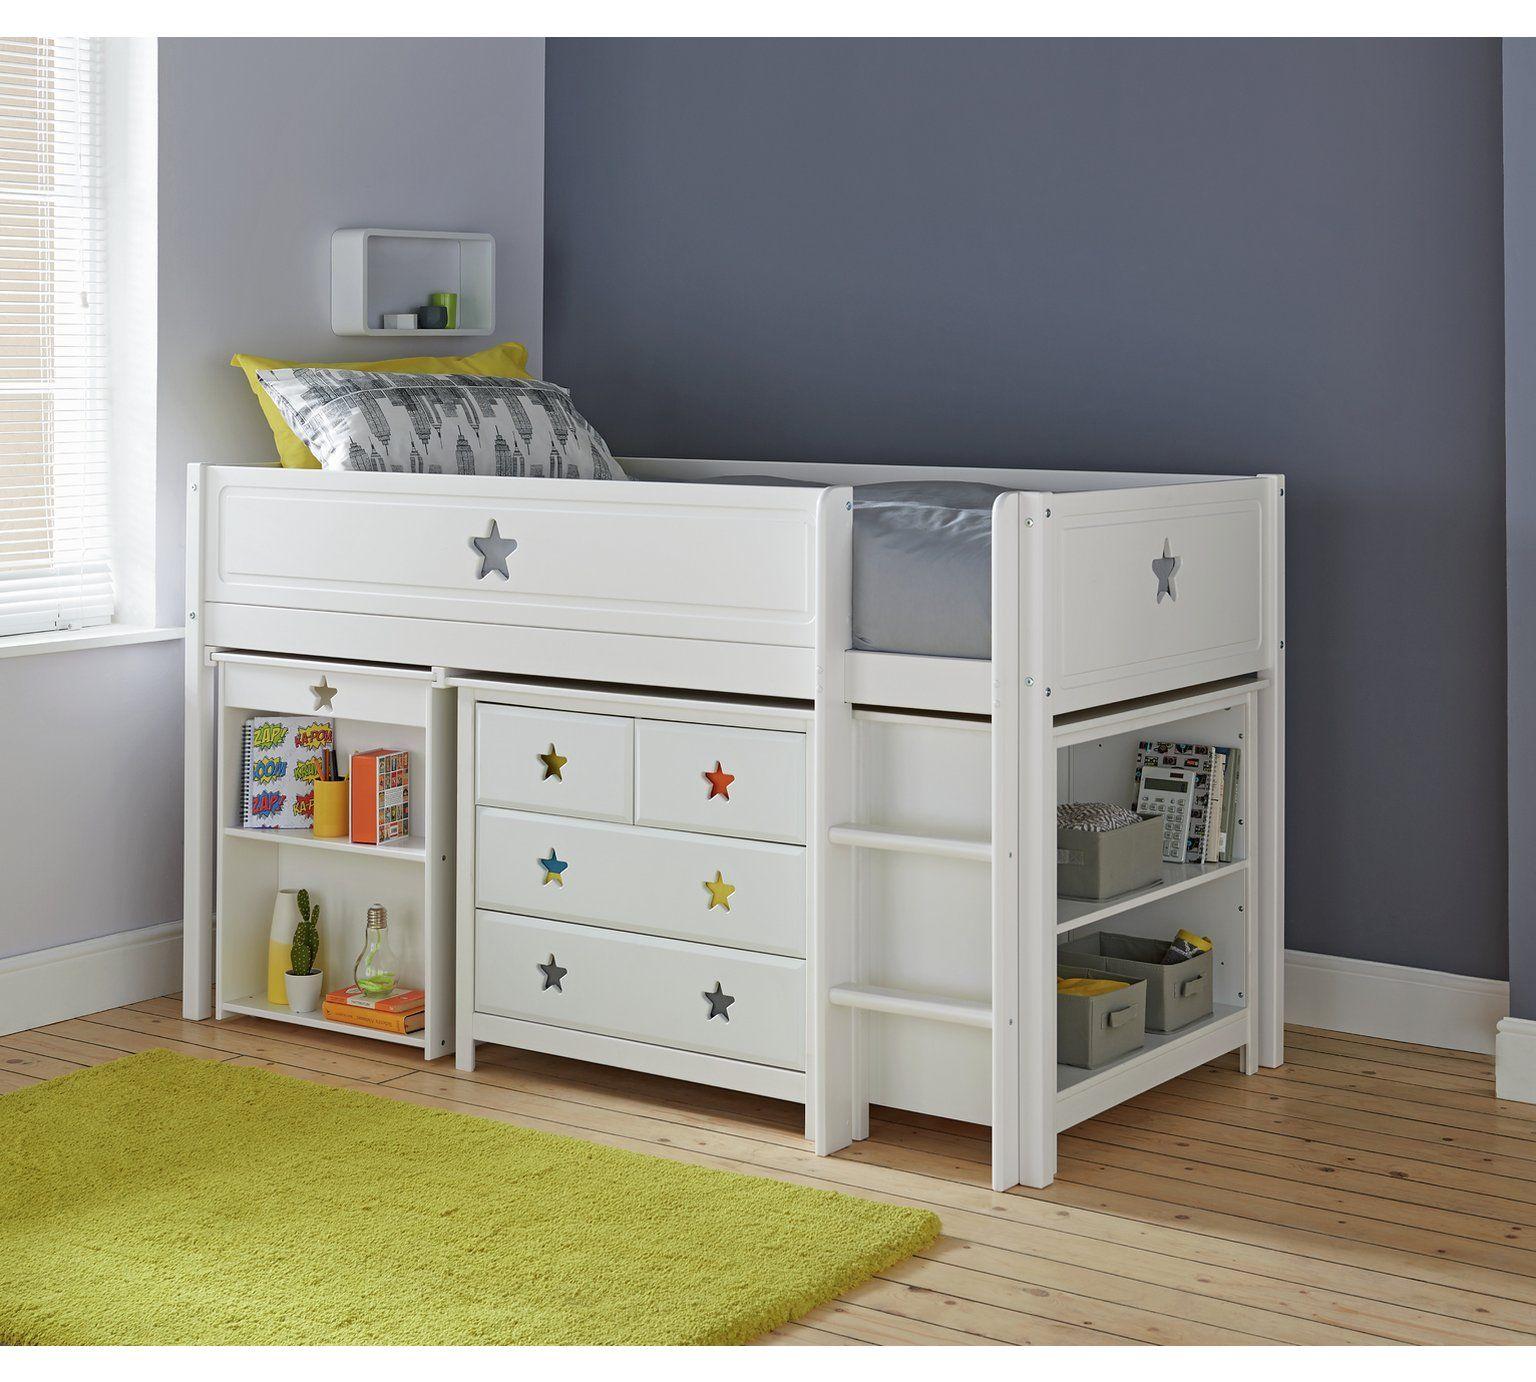 Buy Argos Home Stars Mid Sleeper Bed Drws Desk Shelves White Kids Beds Argos Cabin Beds For Kids Kid Beds Mid Sleeper Bed